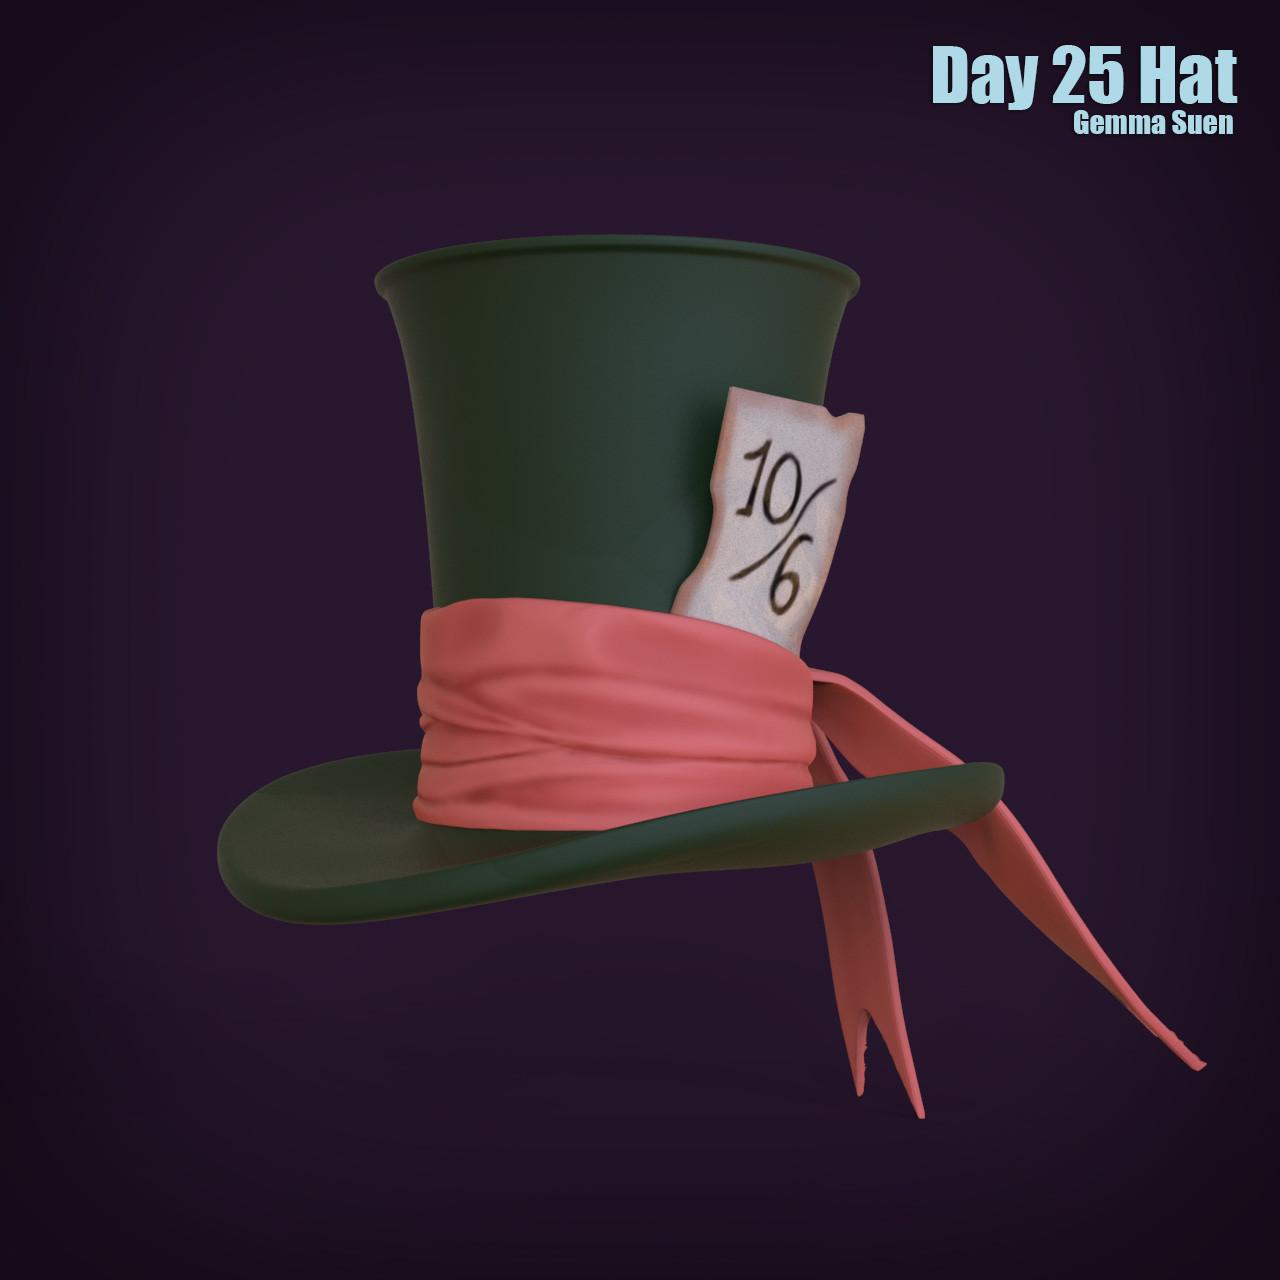 Gemma suen day25 hat